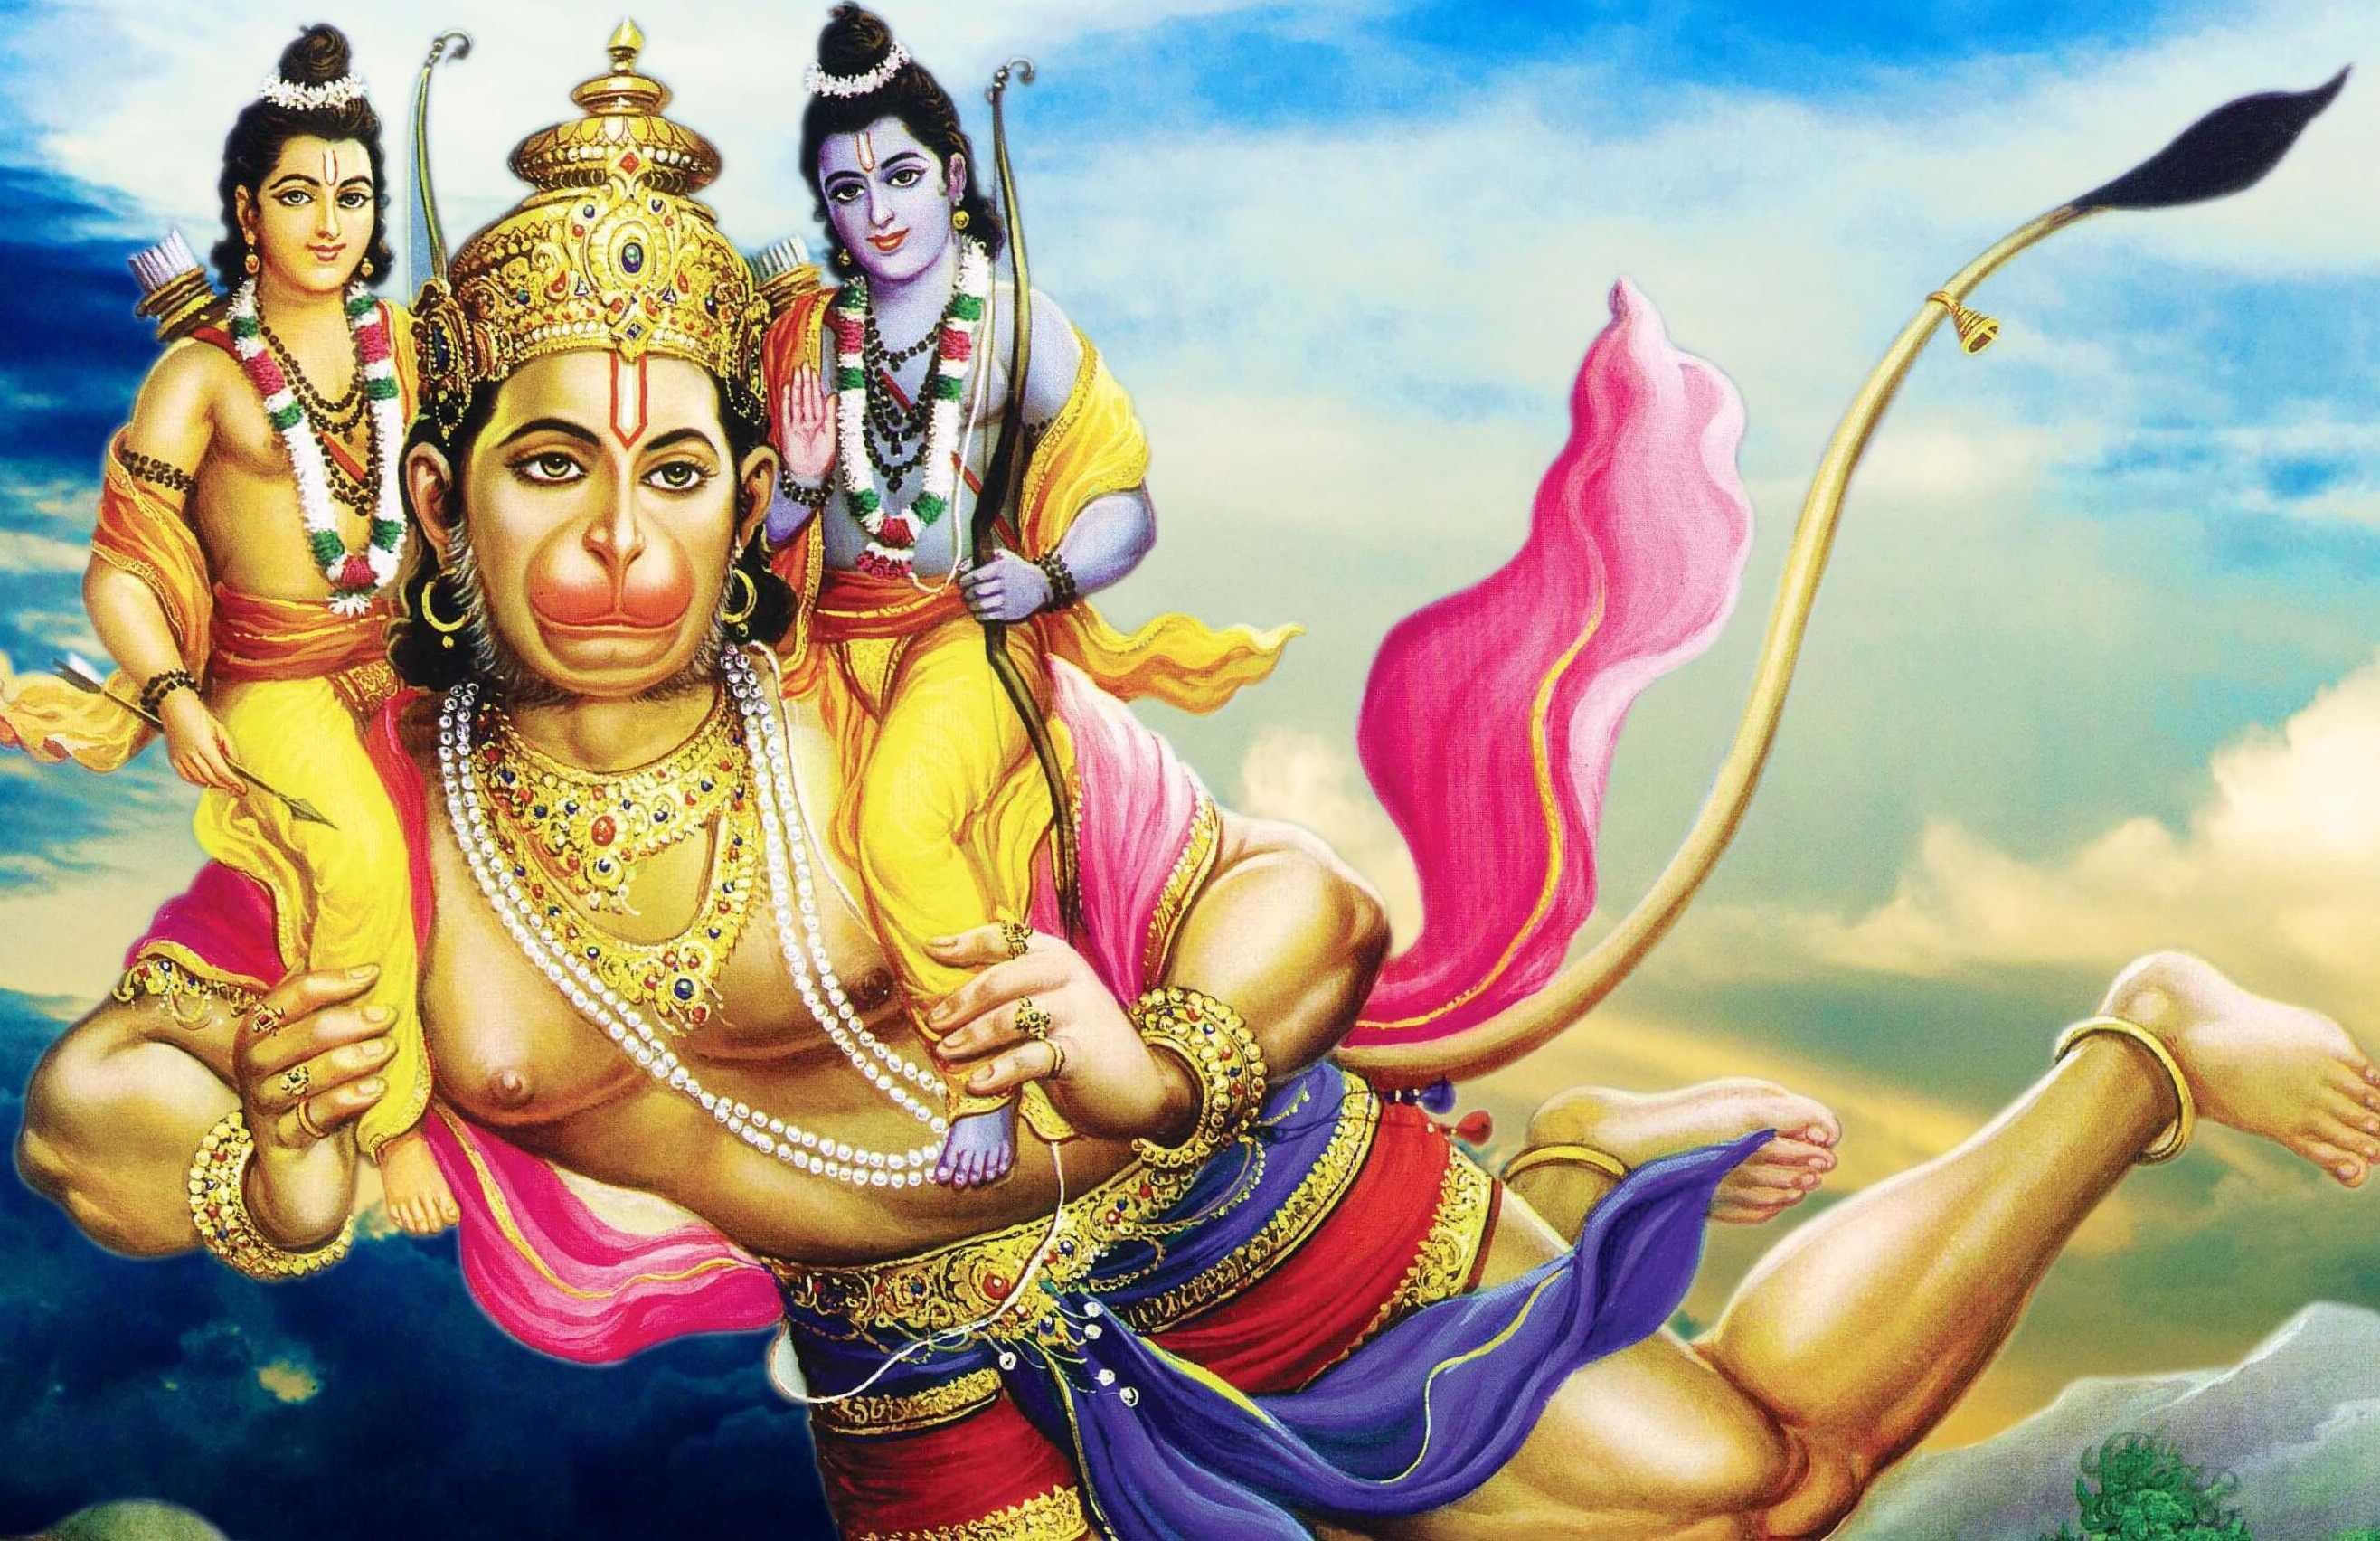 Lord Hanuman Wallpaper Download For Mobile - Lord Hanuman Wallpaper Download For Mobile